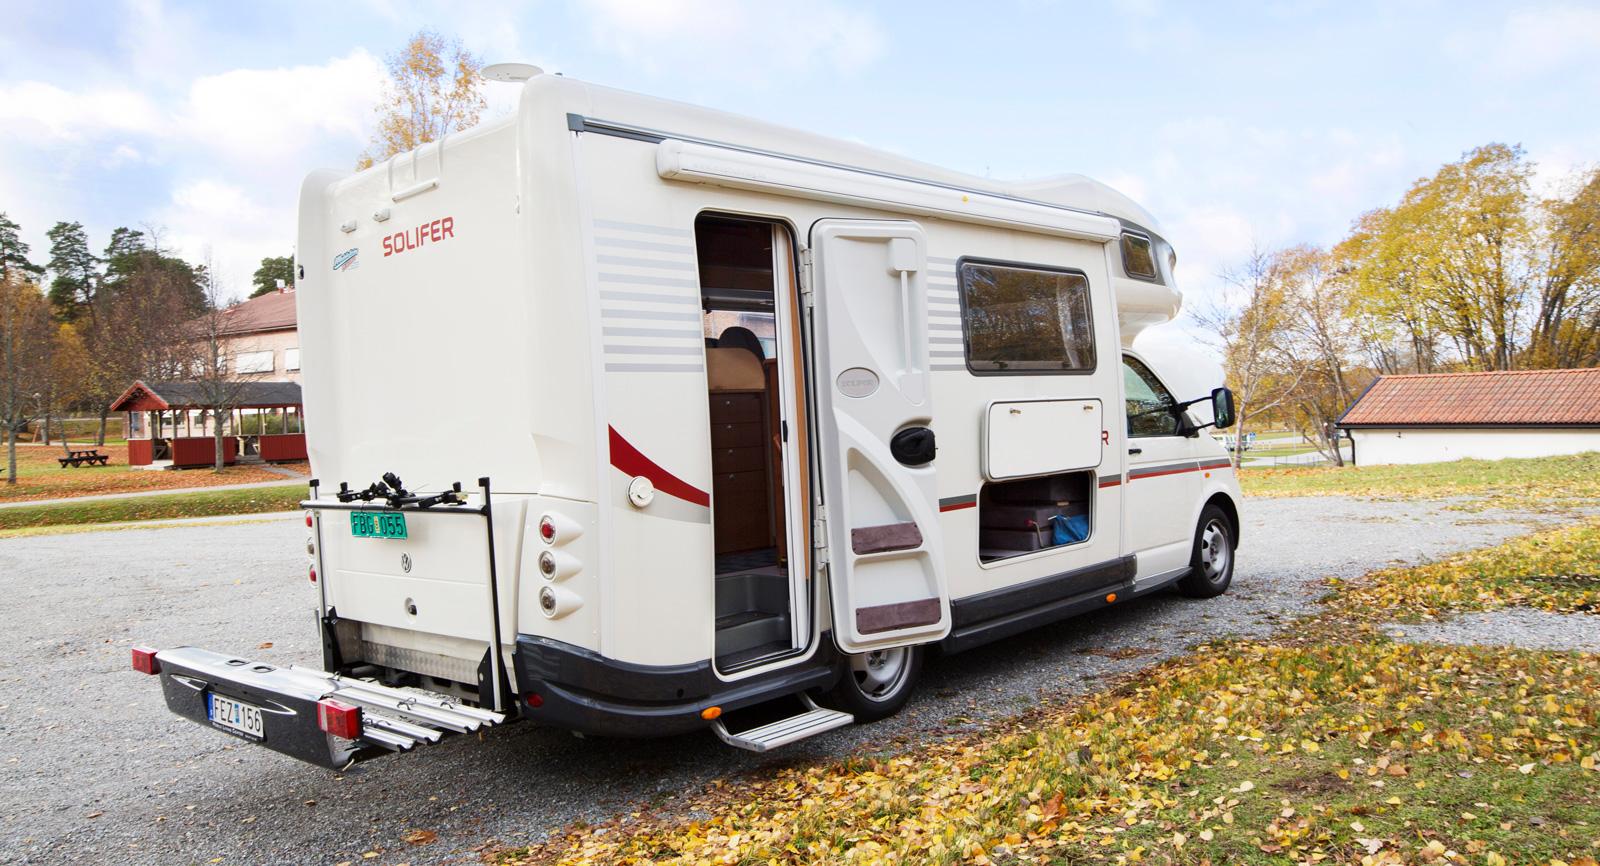 Väg husbilen för att se om lastvikten räcker till cyklar och mc.